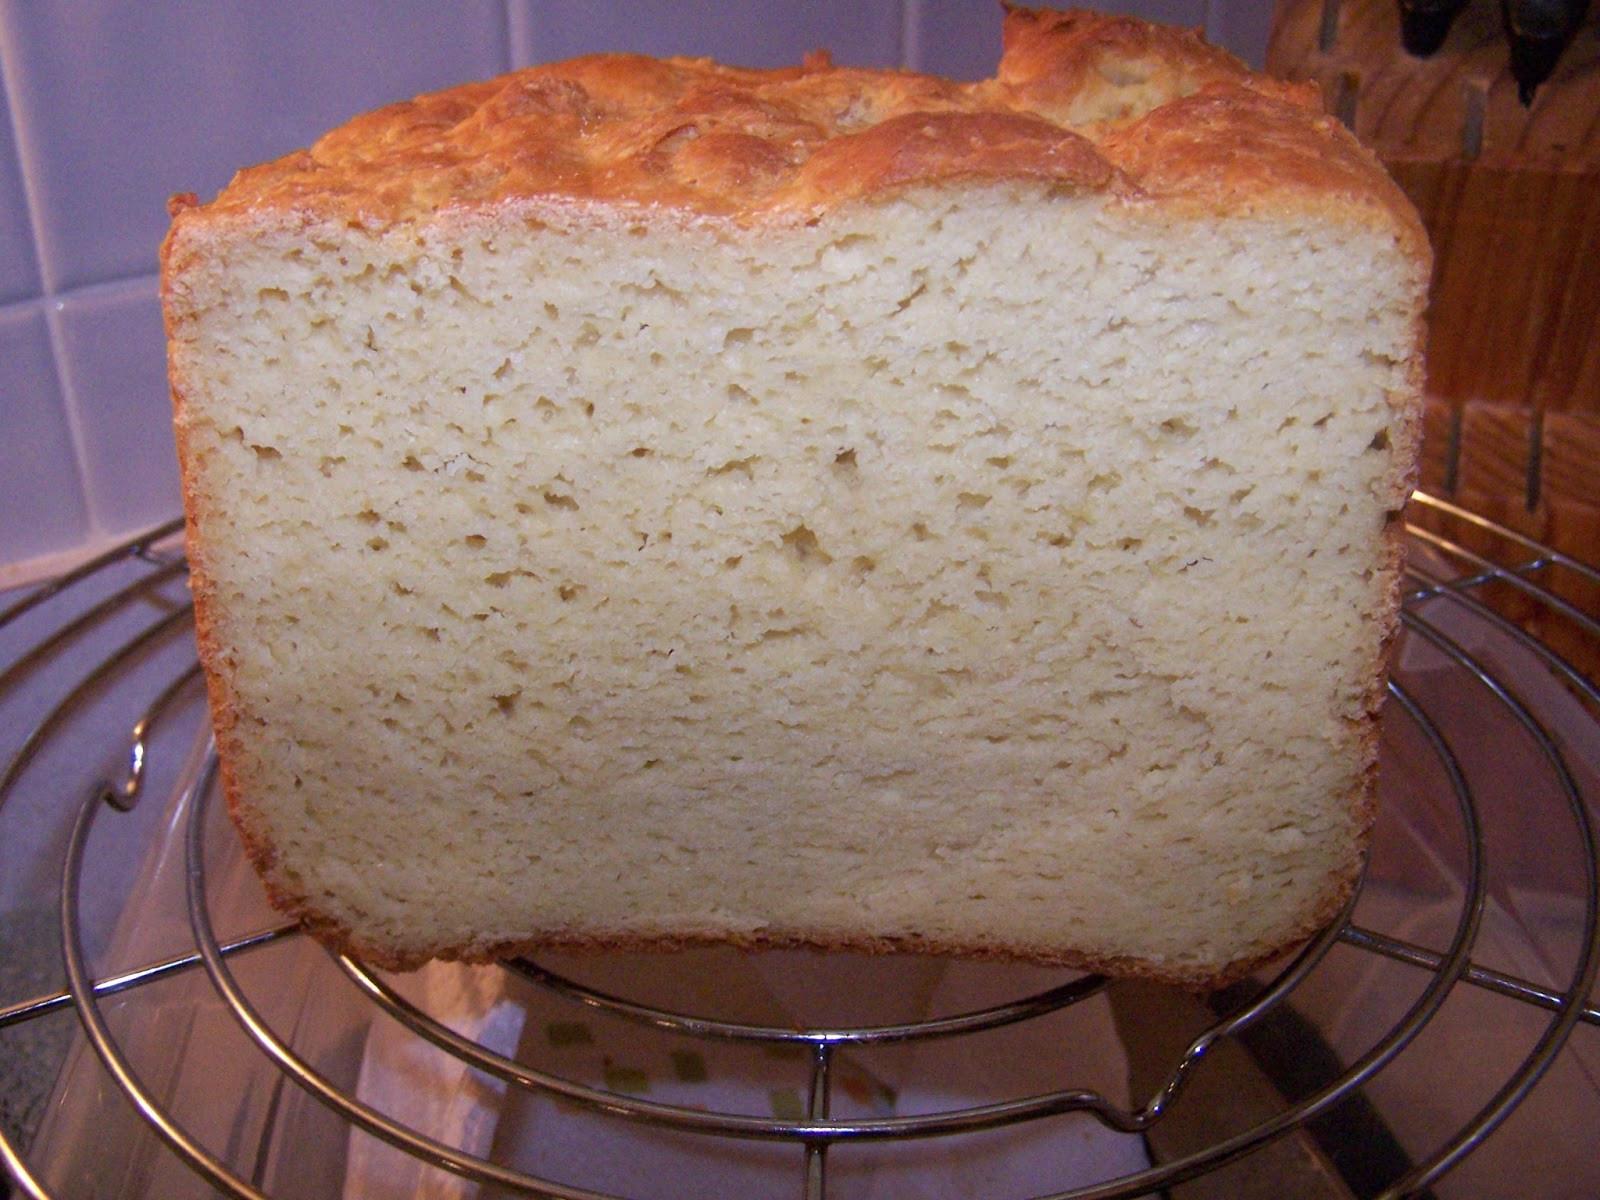 Gluten Free Bread Machine Recipes Glutenfree  Easy & Economical Gluten Free Bread in the Bread Machine